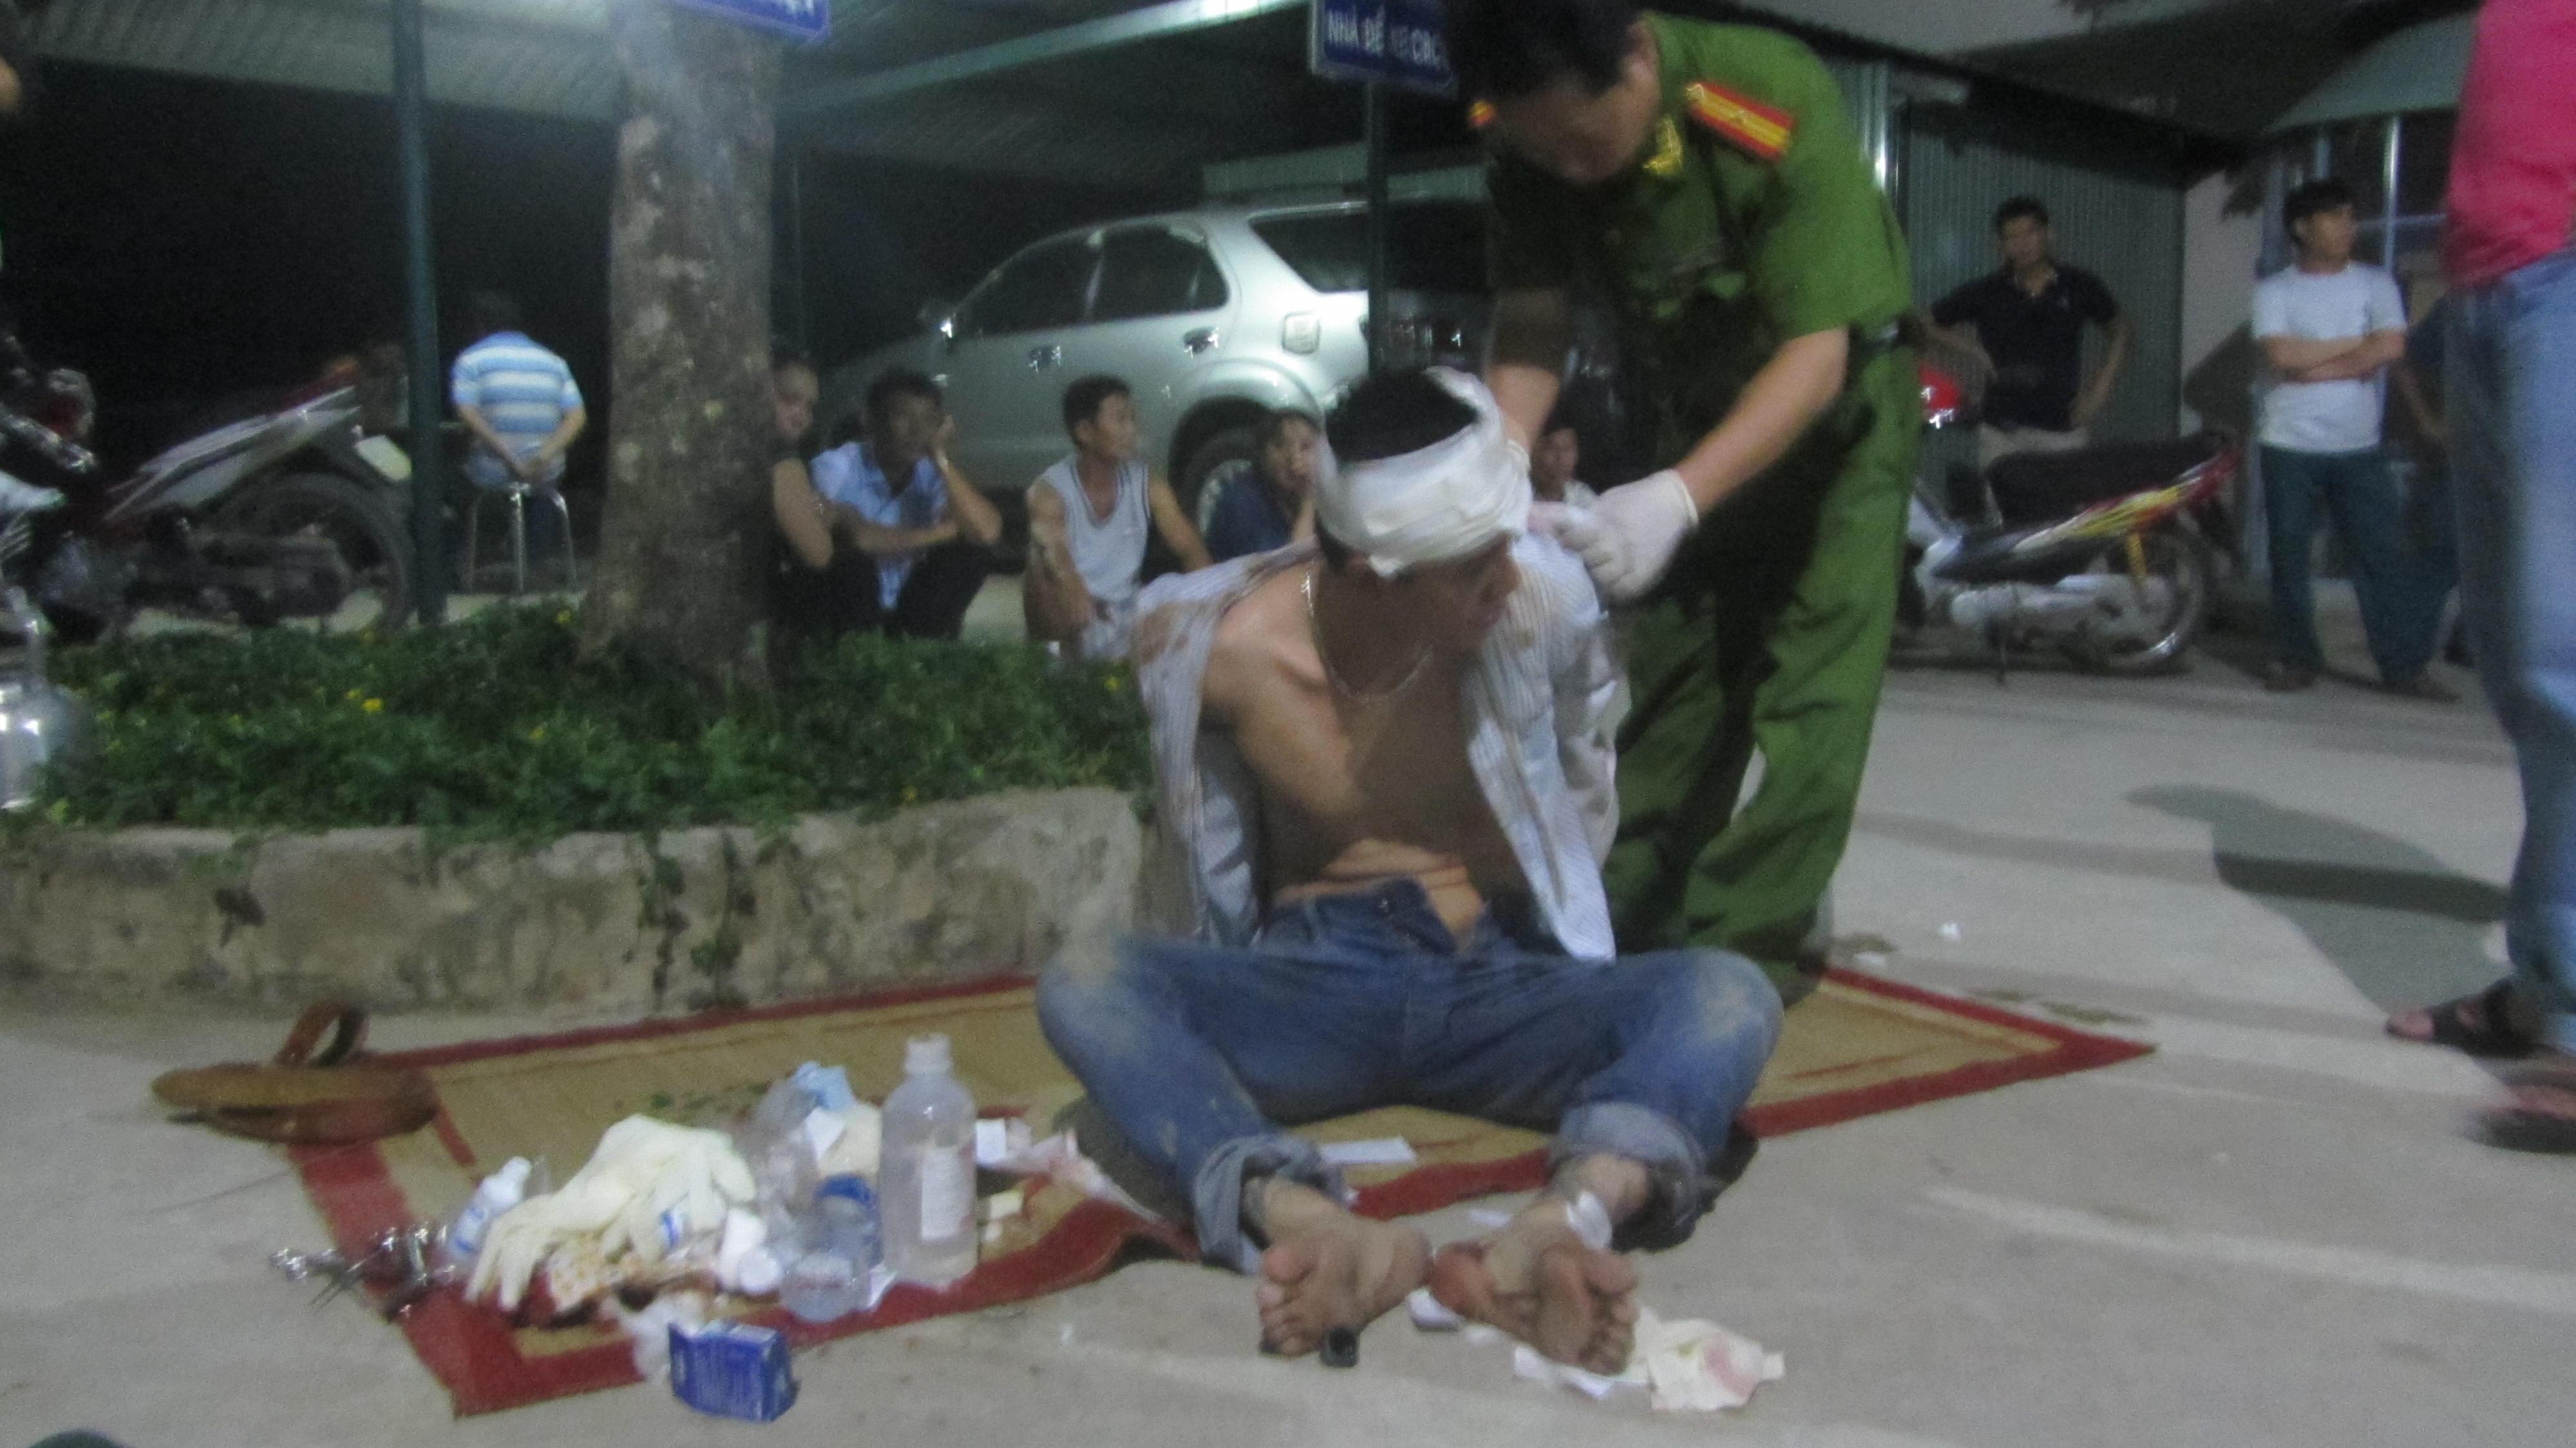 Nguyễn Quang Toàn dùng 4 khẩu súng chống lại lực lượng chức năng